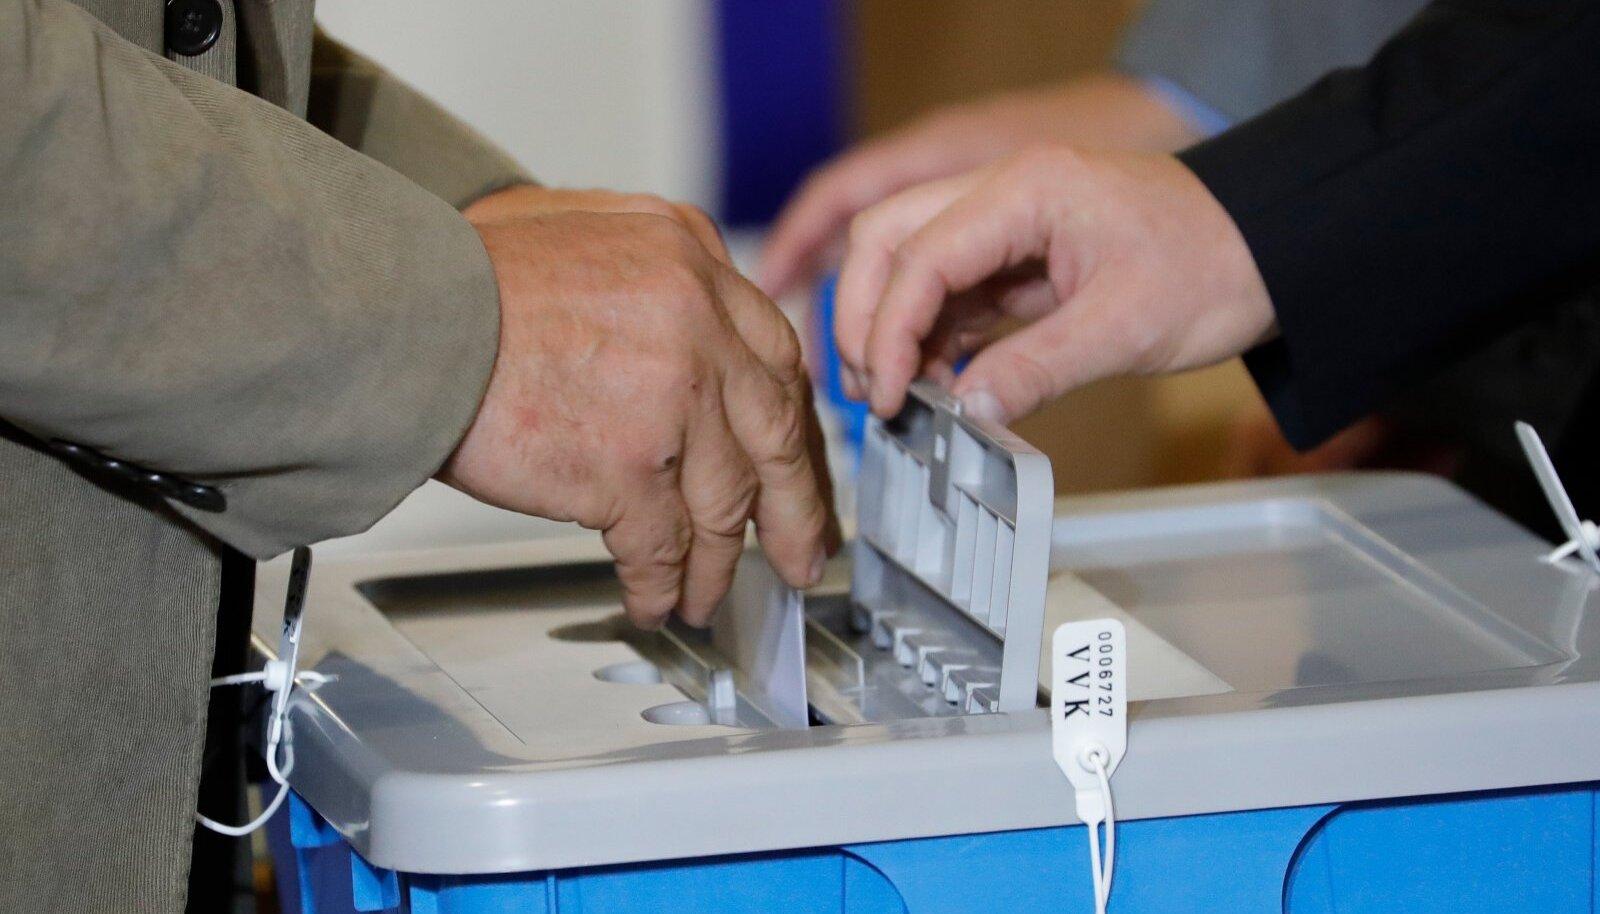 E-hääletamine on senise seisuga üle kahe korra populaarsem variant kui valimisjaoskonnas sedeli täitmine.